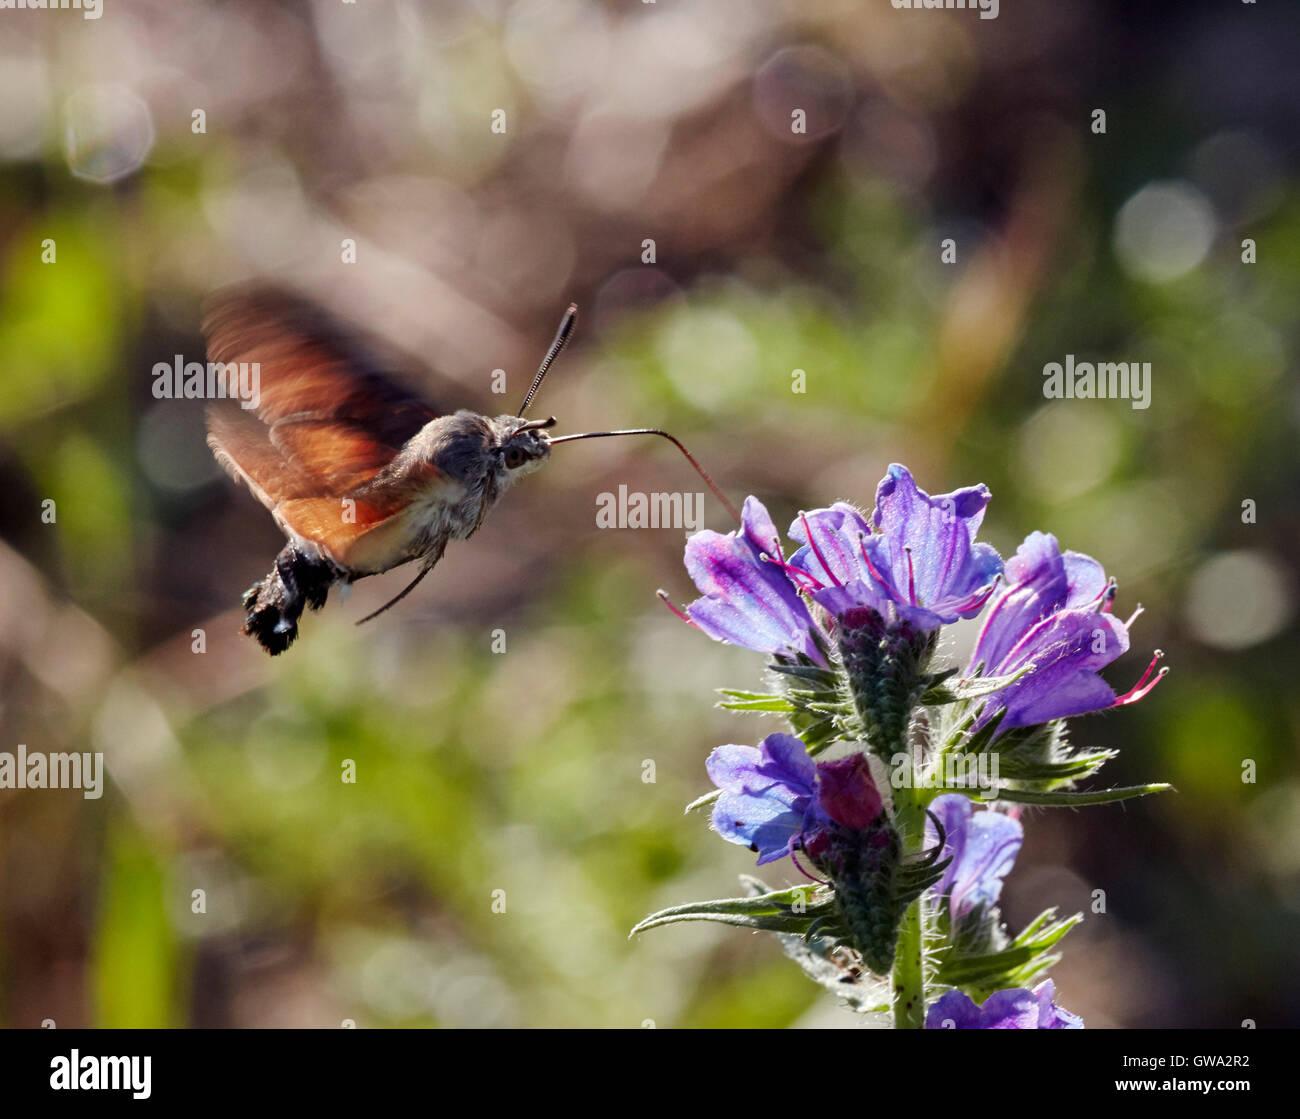 Humming-bird de nectar sur le Sphynx Viper Vipérine commune. Près de Chambéry, Savoie, France. Photo Stock